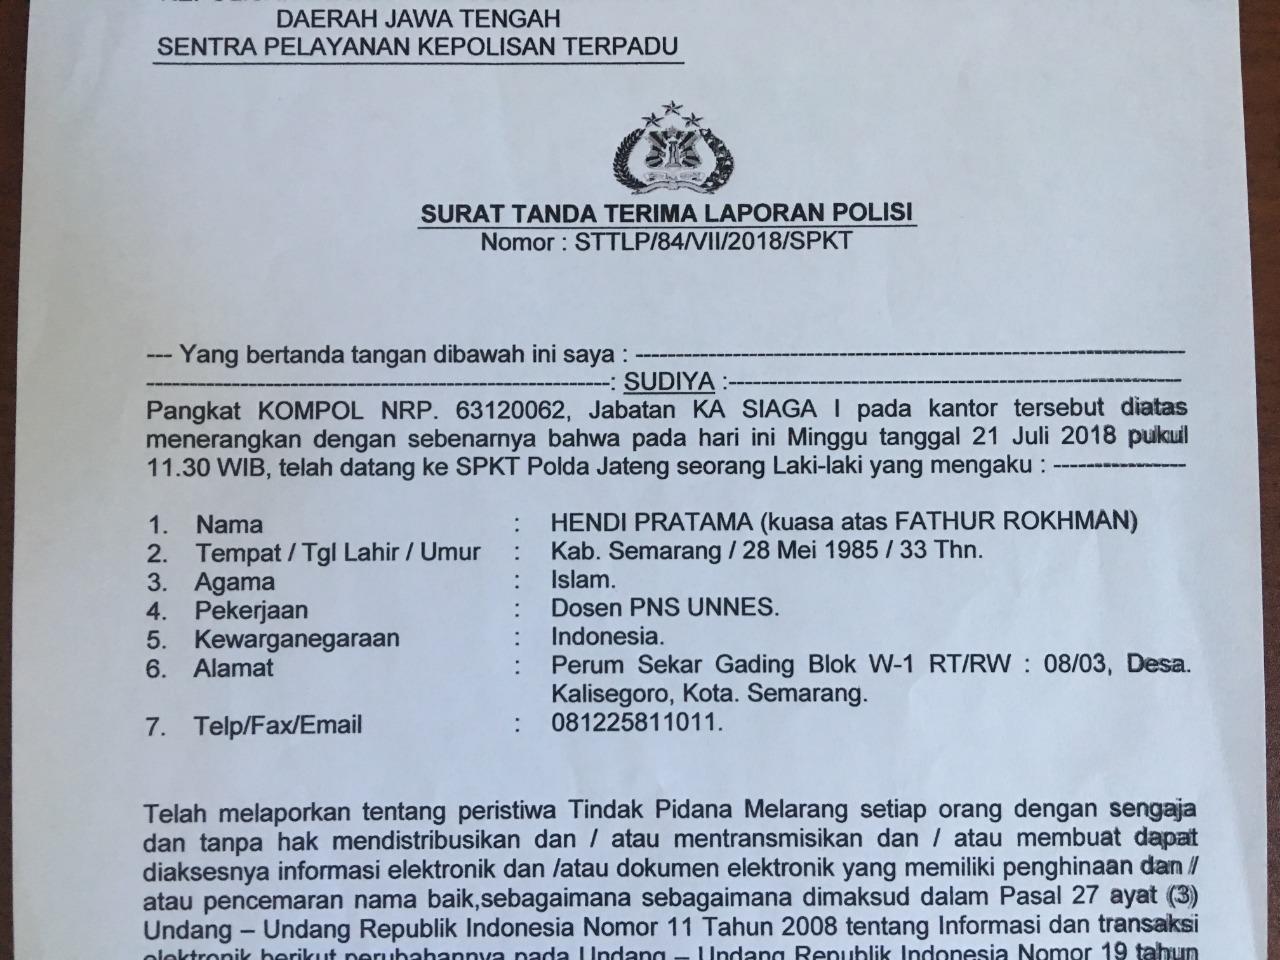 Terduga Pencemaran Nama Baik Dilaporkan ke Kepolisian